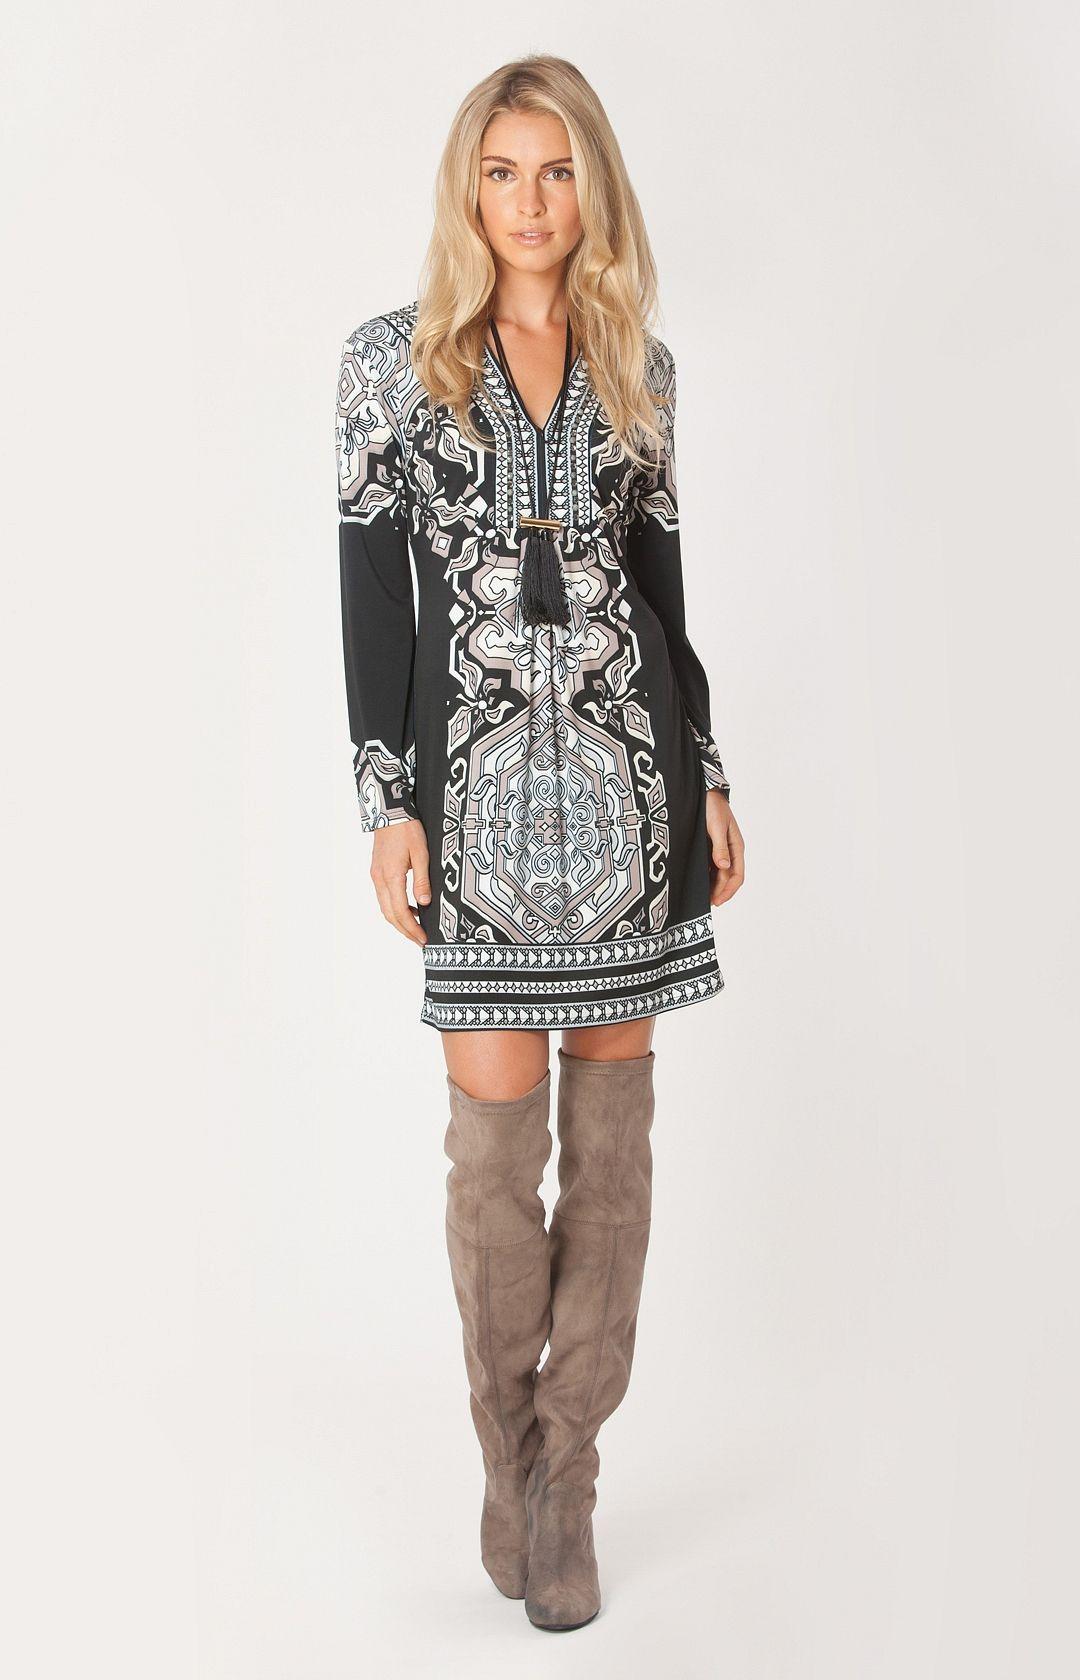 Supresa.de Online-Shop Hale Bob Dress https://surpresa.de/shop/hale ...